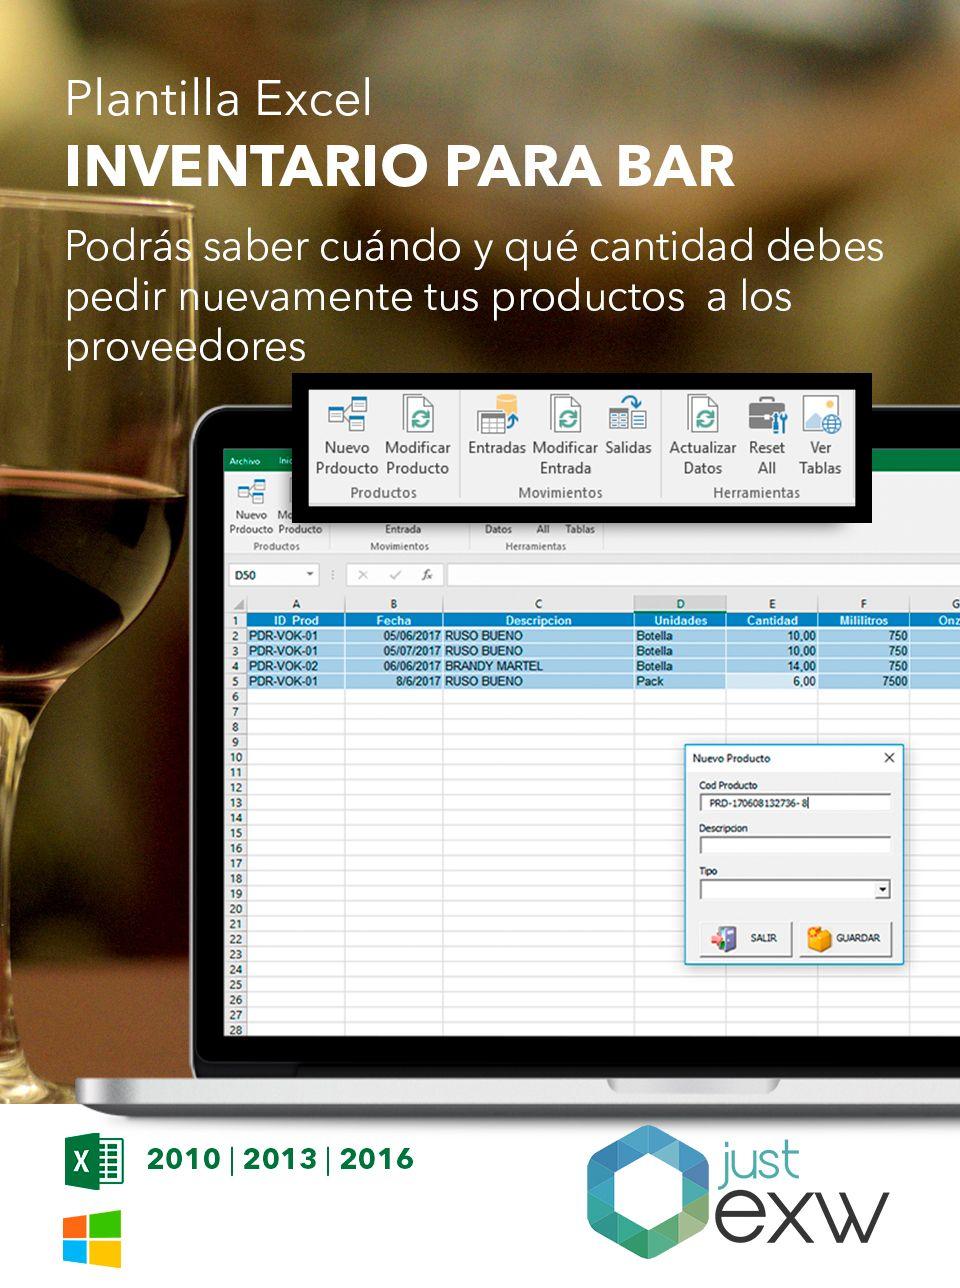 Plantilla de Control de restaurante en Excel | Plantilla para descargar